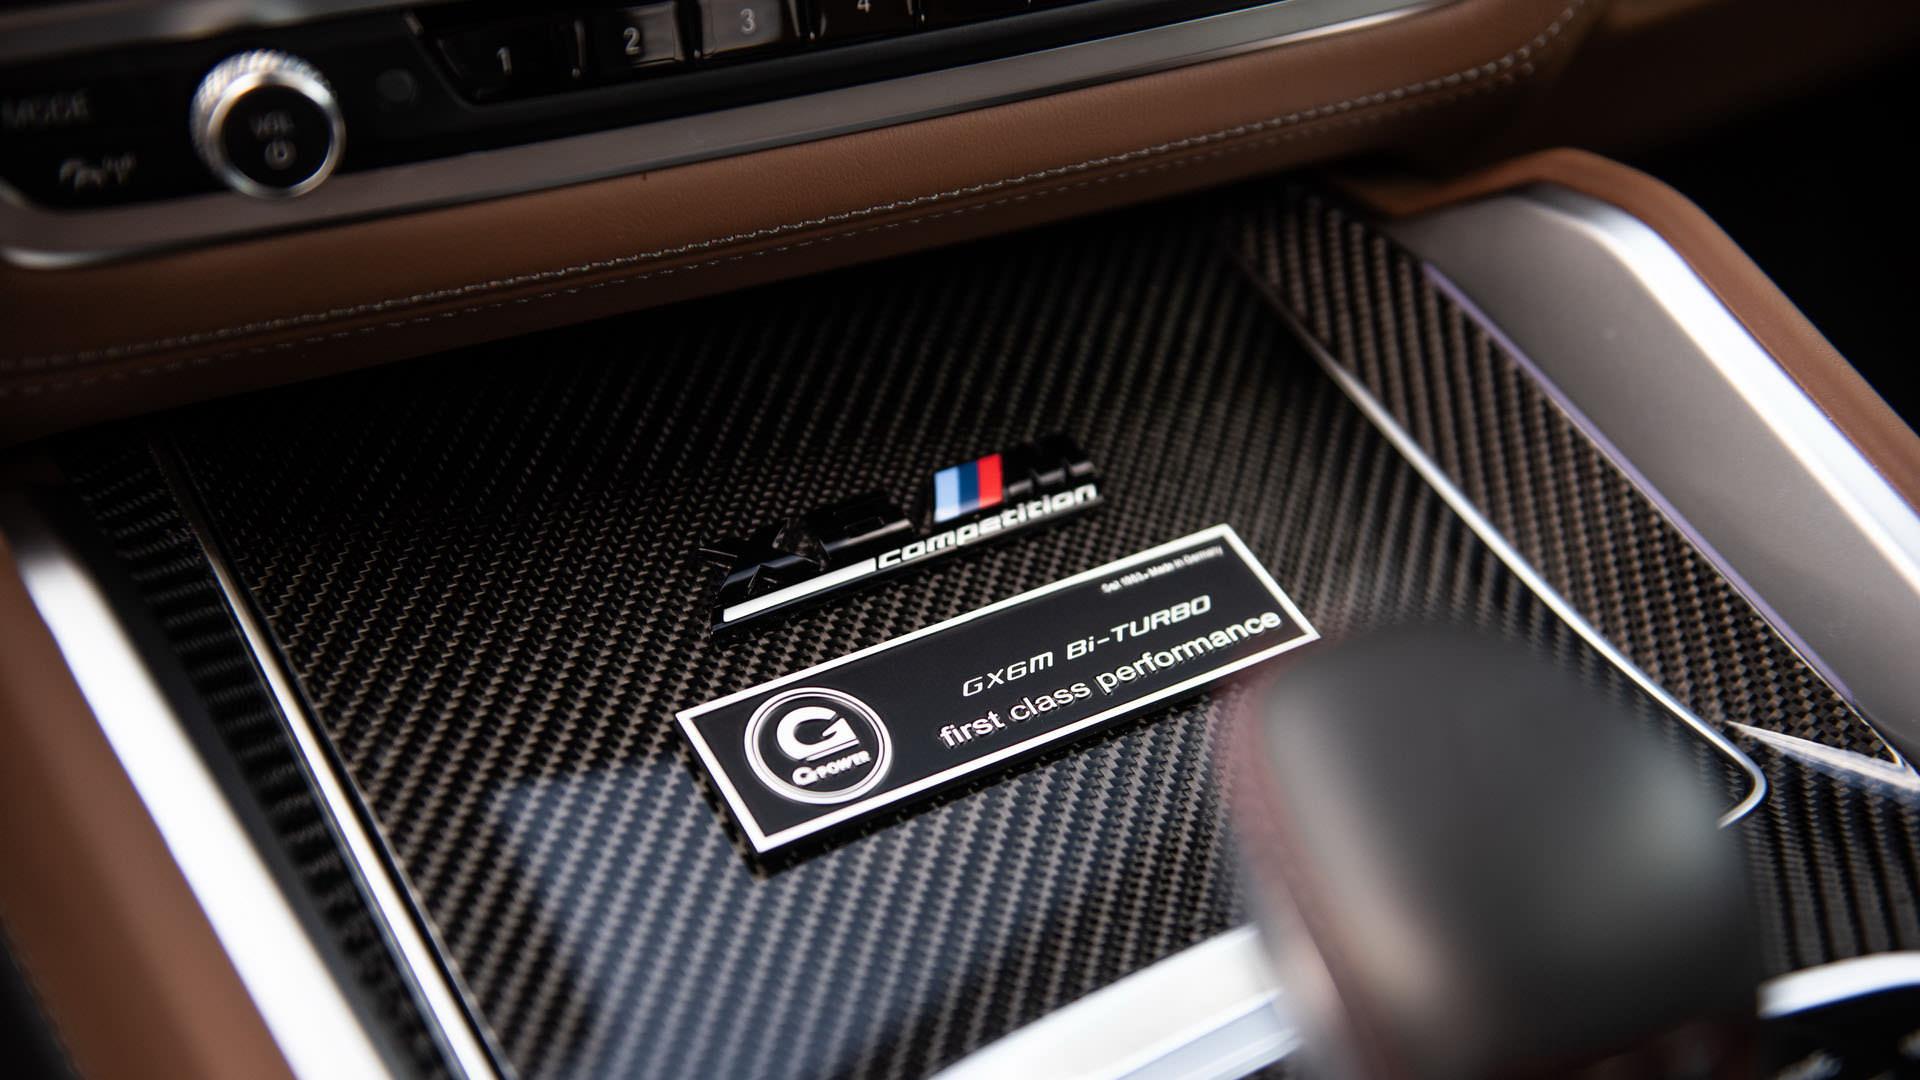 بی ام و X6 M کامپتیشن با تیونینگ جی پاور معرفی شد